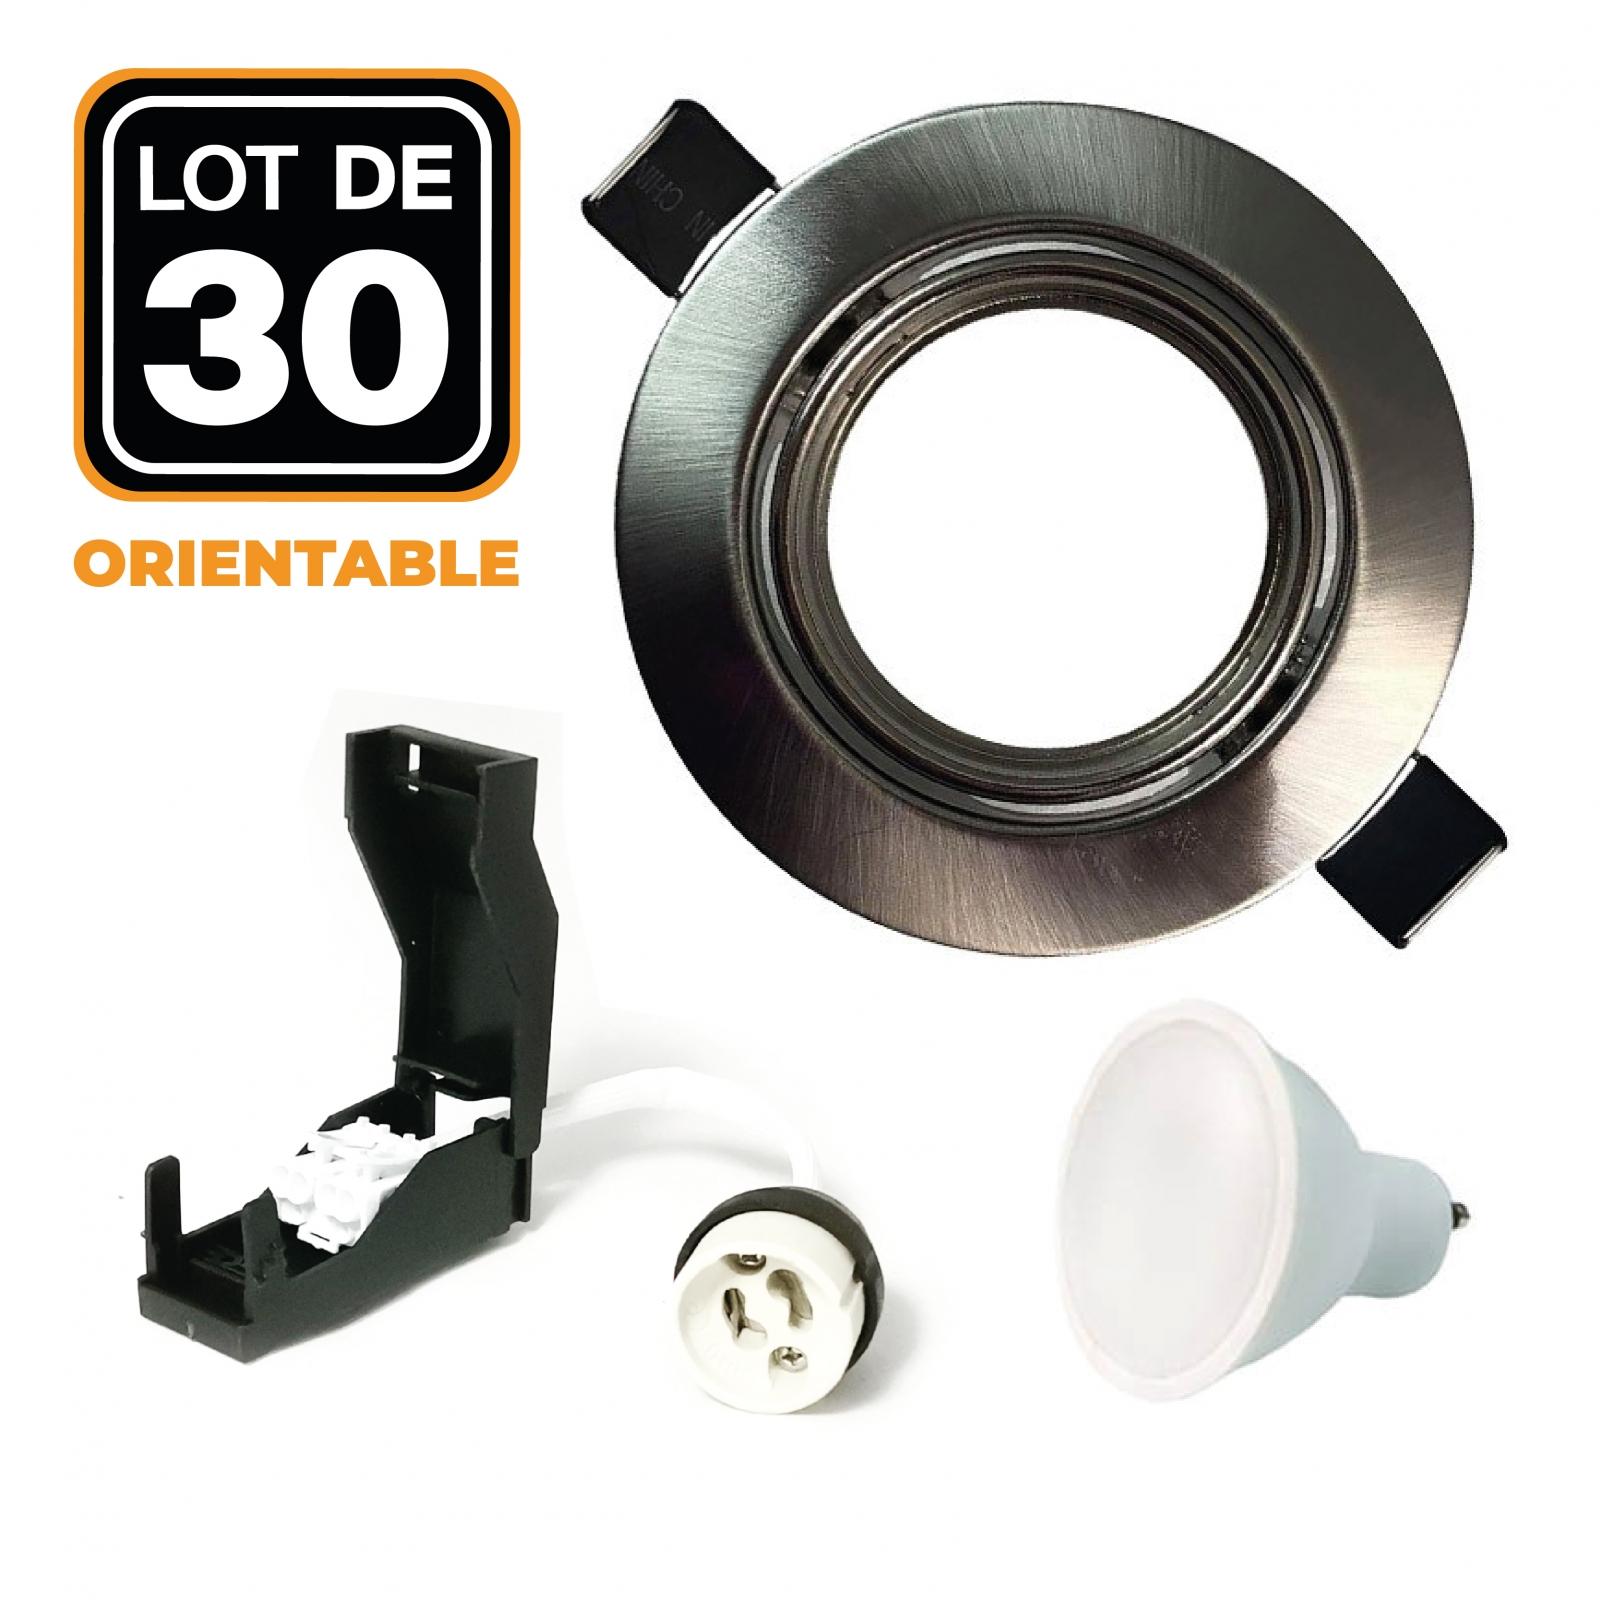 Lot de 30 Spots encastrable orientable ALU BROSSÉ avec GU10 LED de 7W eqv. 56W